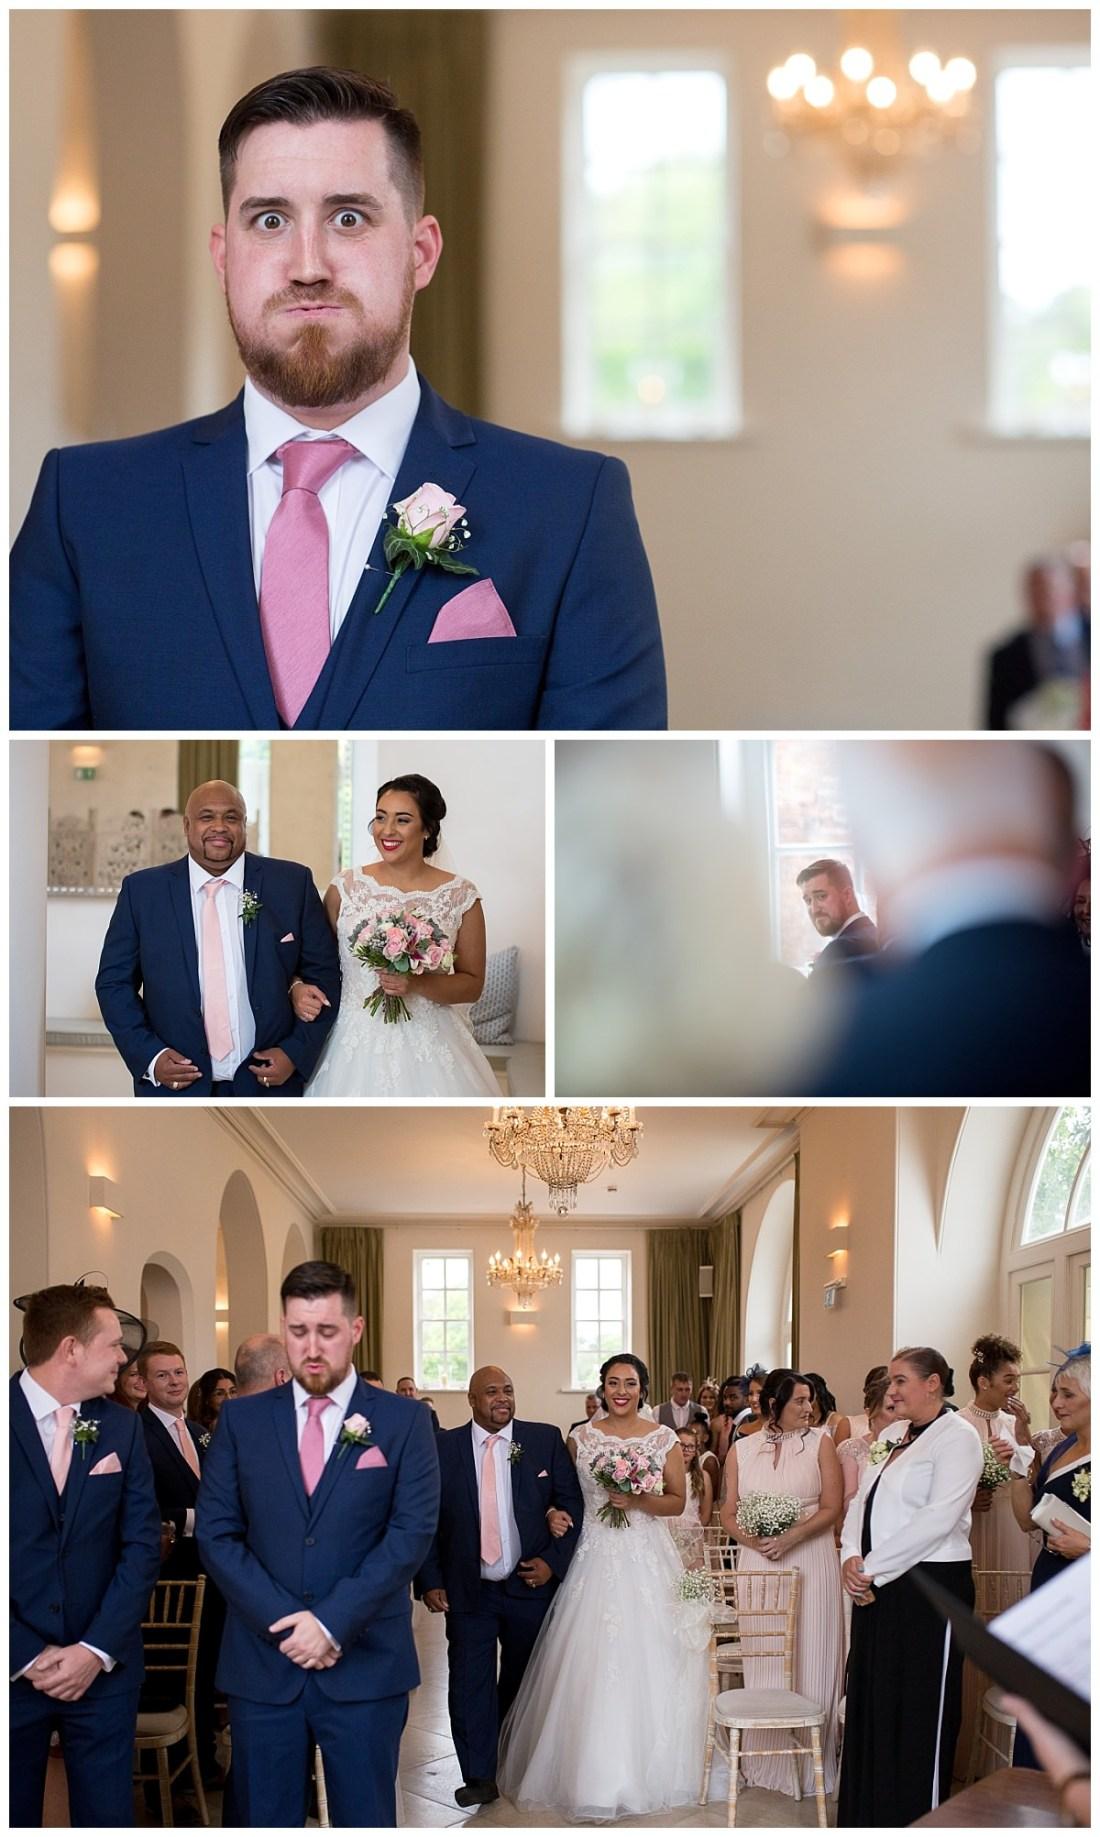 Wedding Ceremony at Iscoyd Park